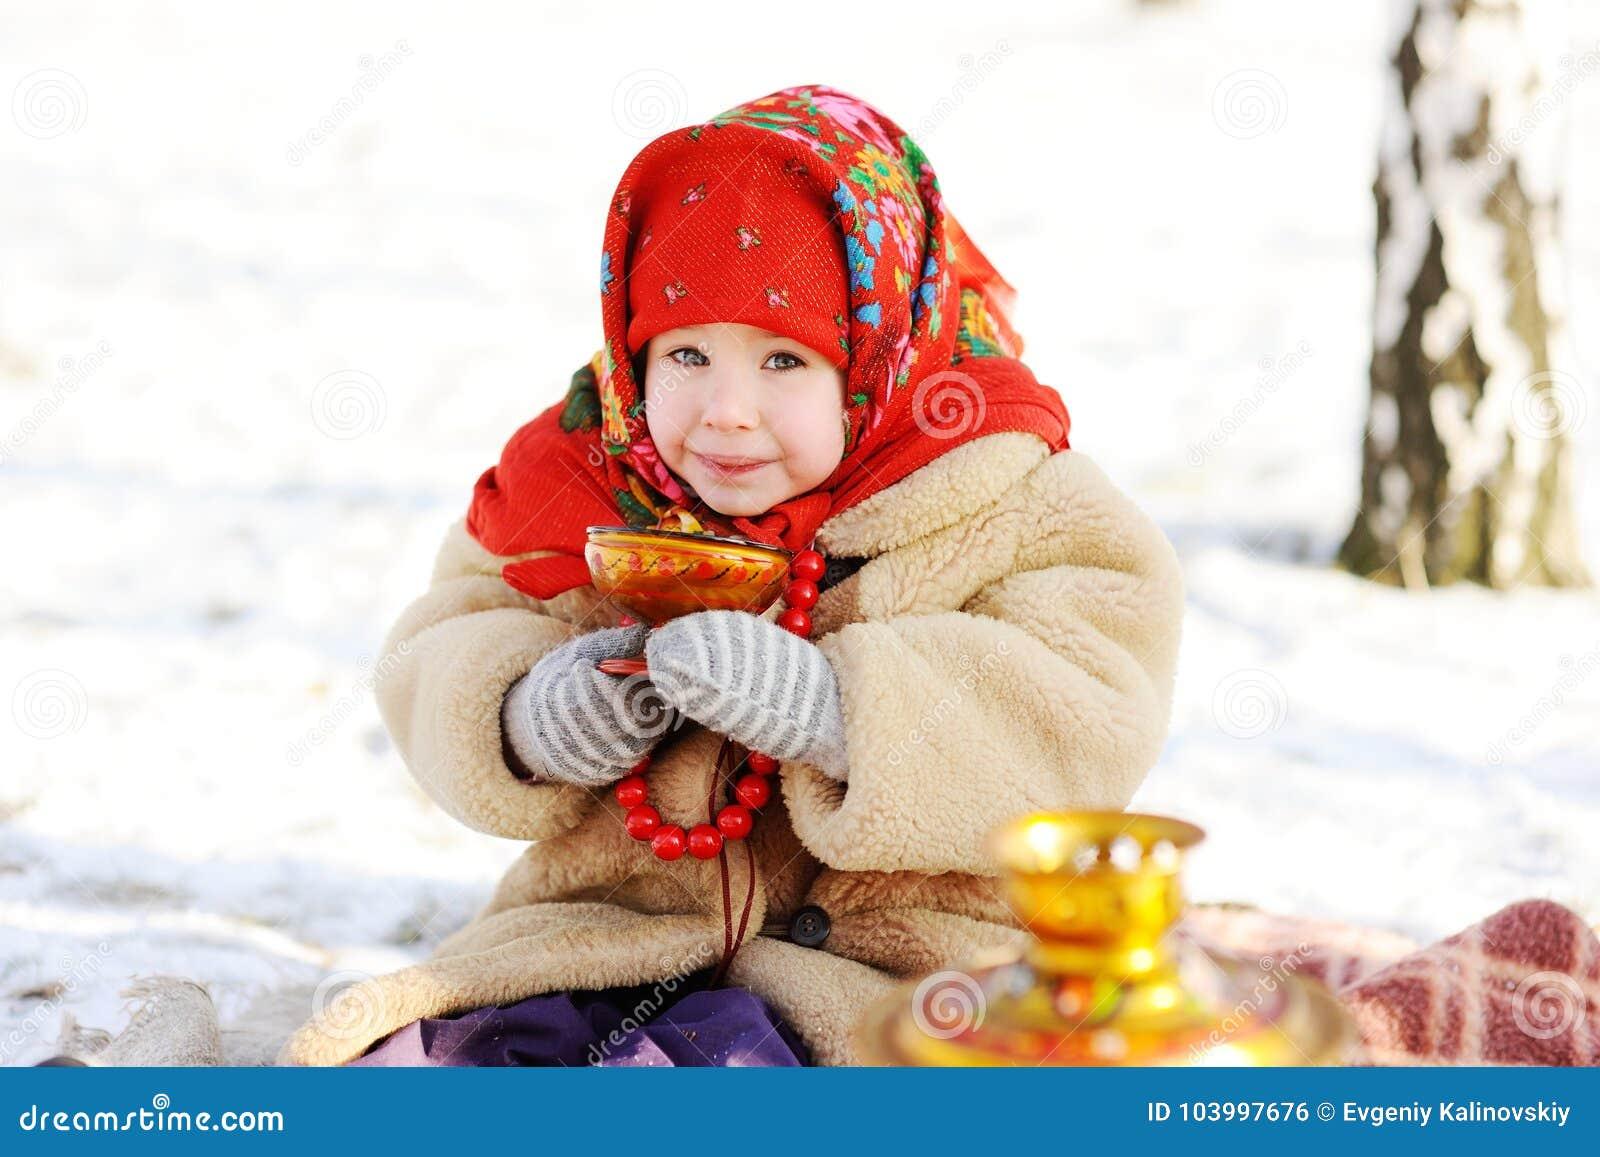 Μικρό κορίτσι σε ένα παλτό γουνών και ένα κόκκινο τσάι κατανάλωσης μαντίλι ρωσικό επάνω